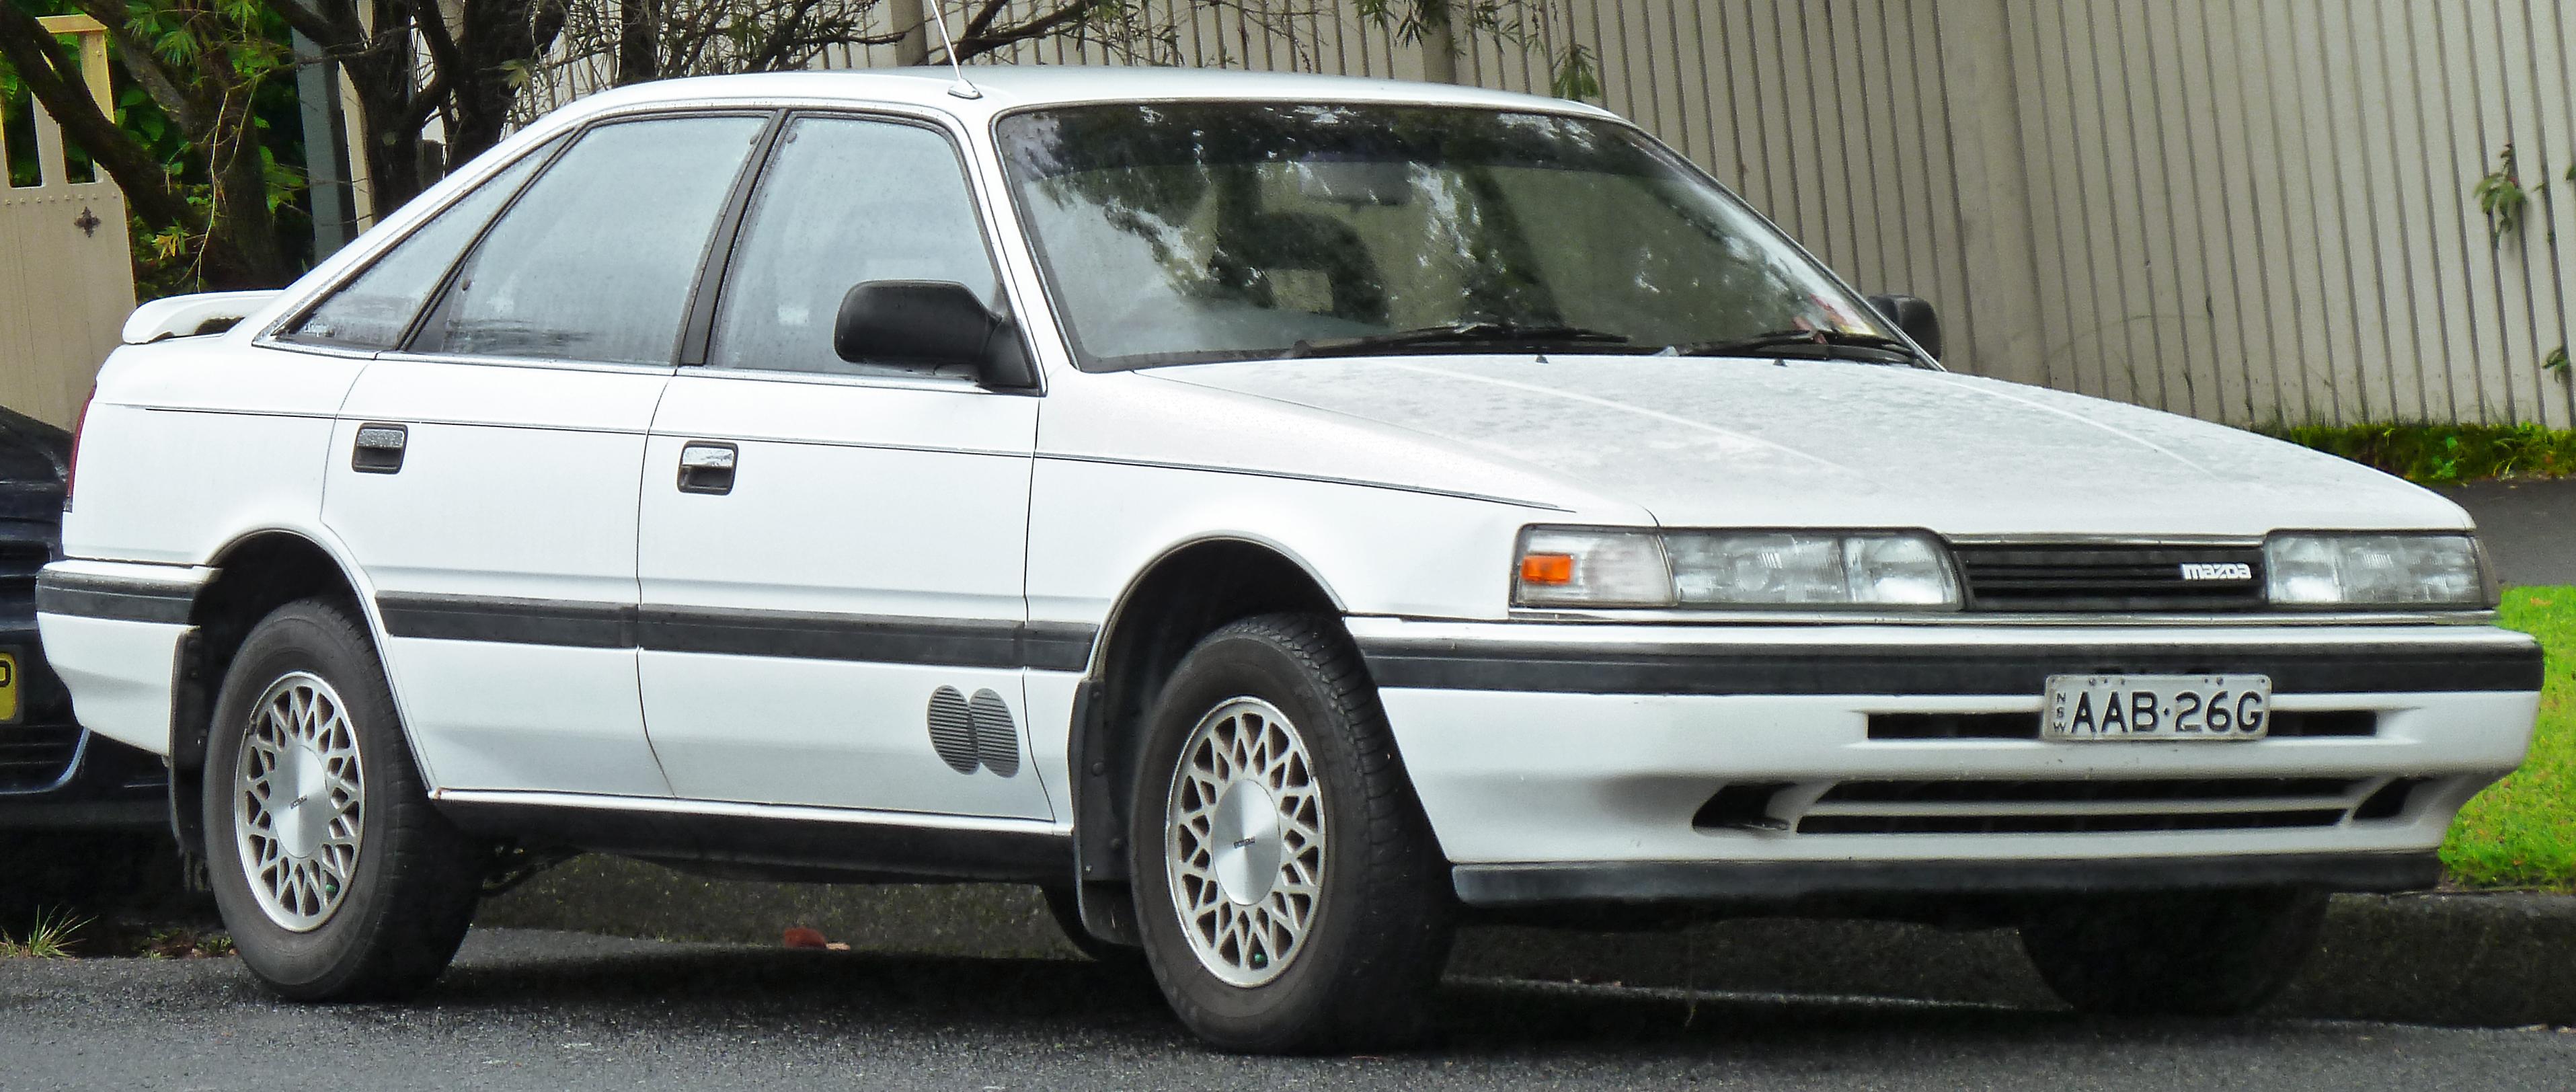 Как подобрать хорошие запчасти на Mazda 626?